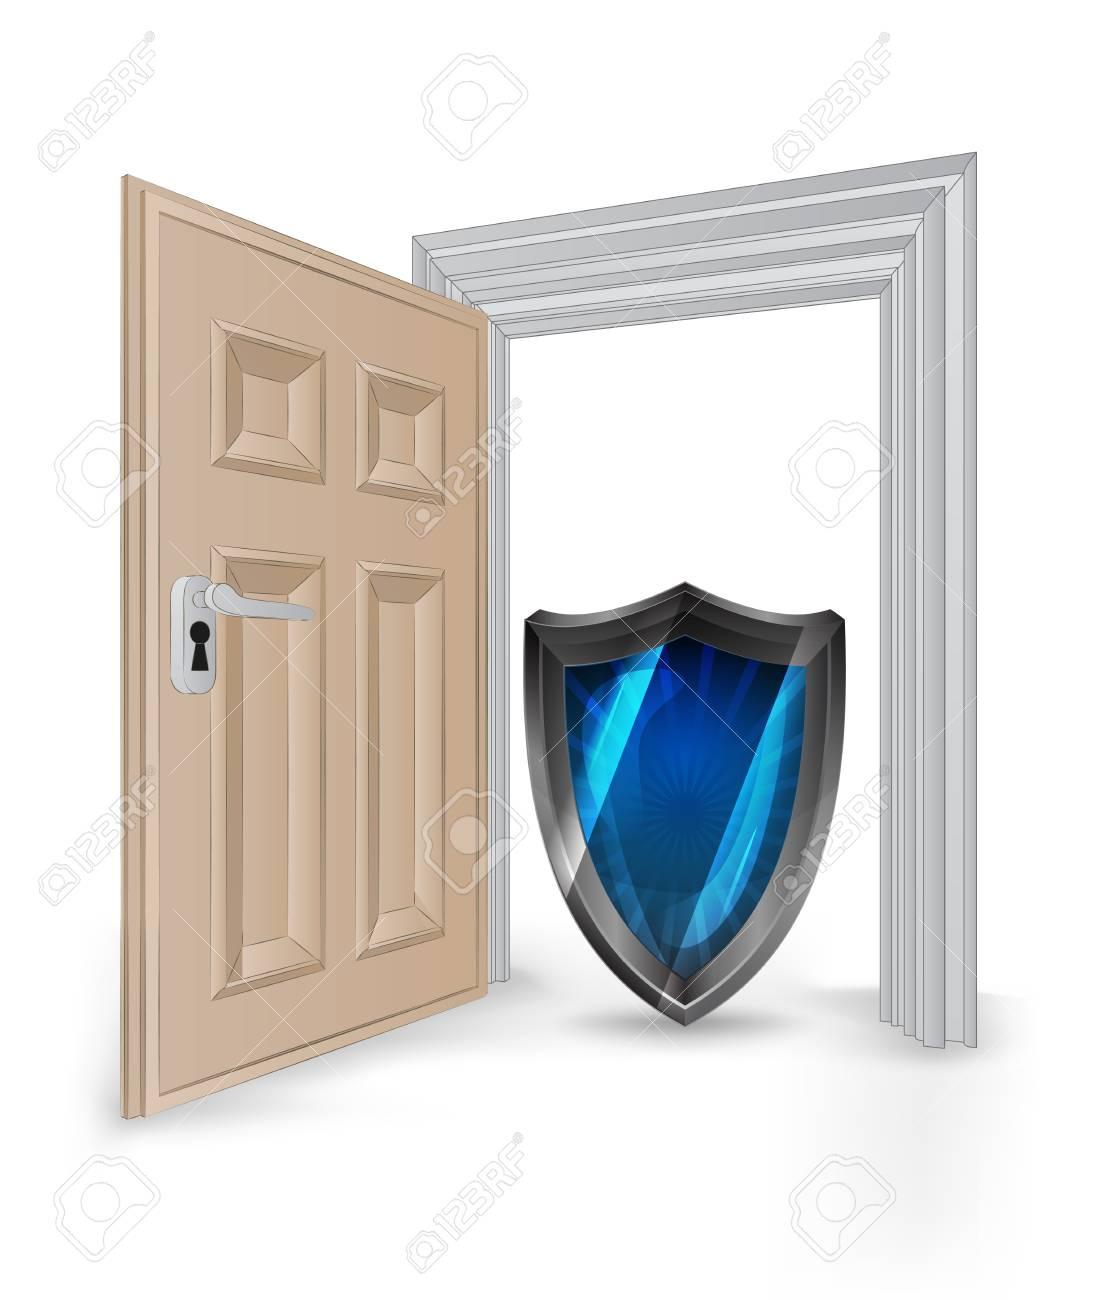 Abra Aislado Marco Puerta Con Escudo Ilustración Vectorial Seguridad ...